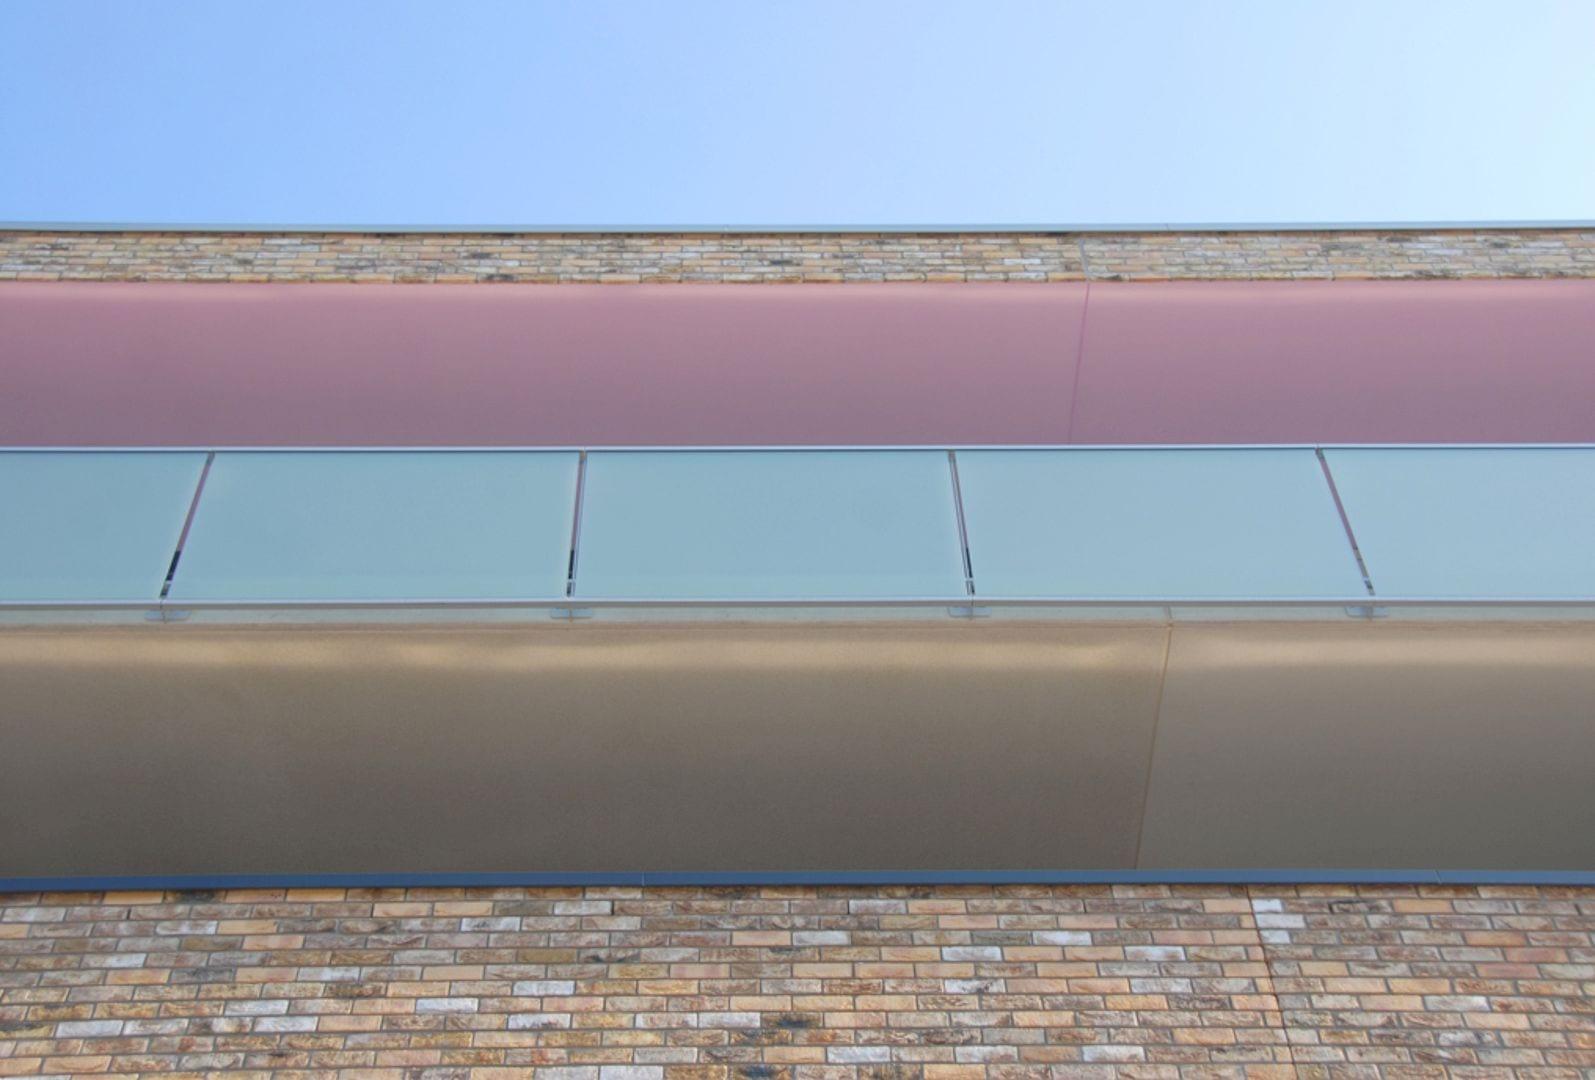 Apartments Tamarixplantsoen Heerhugowaard By Jeanne Dekkers Architectuur 6